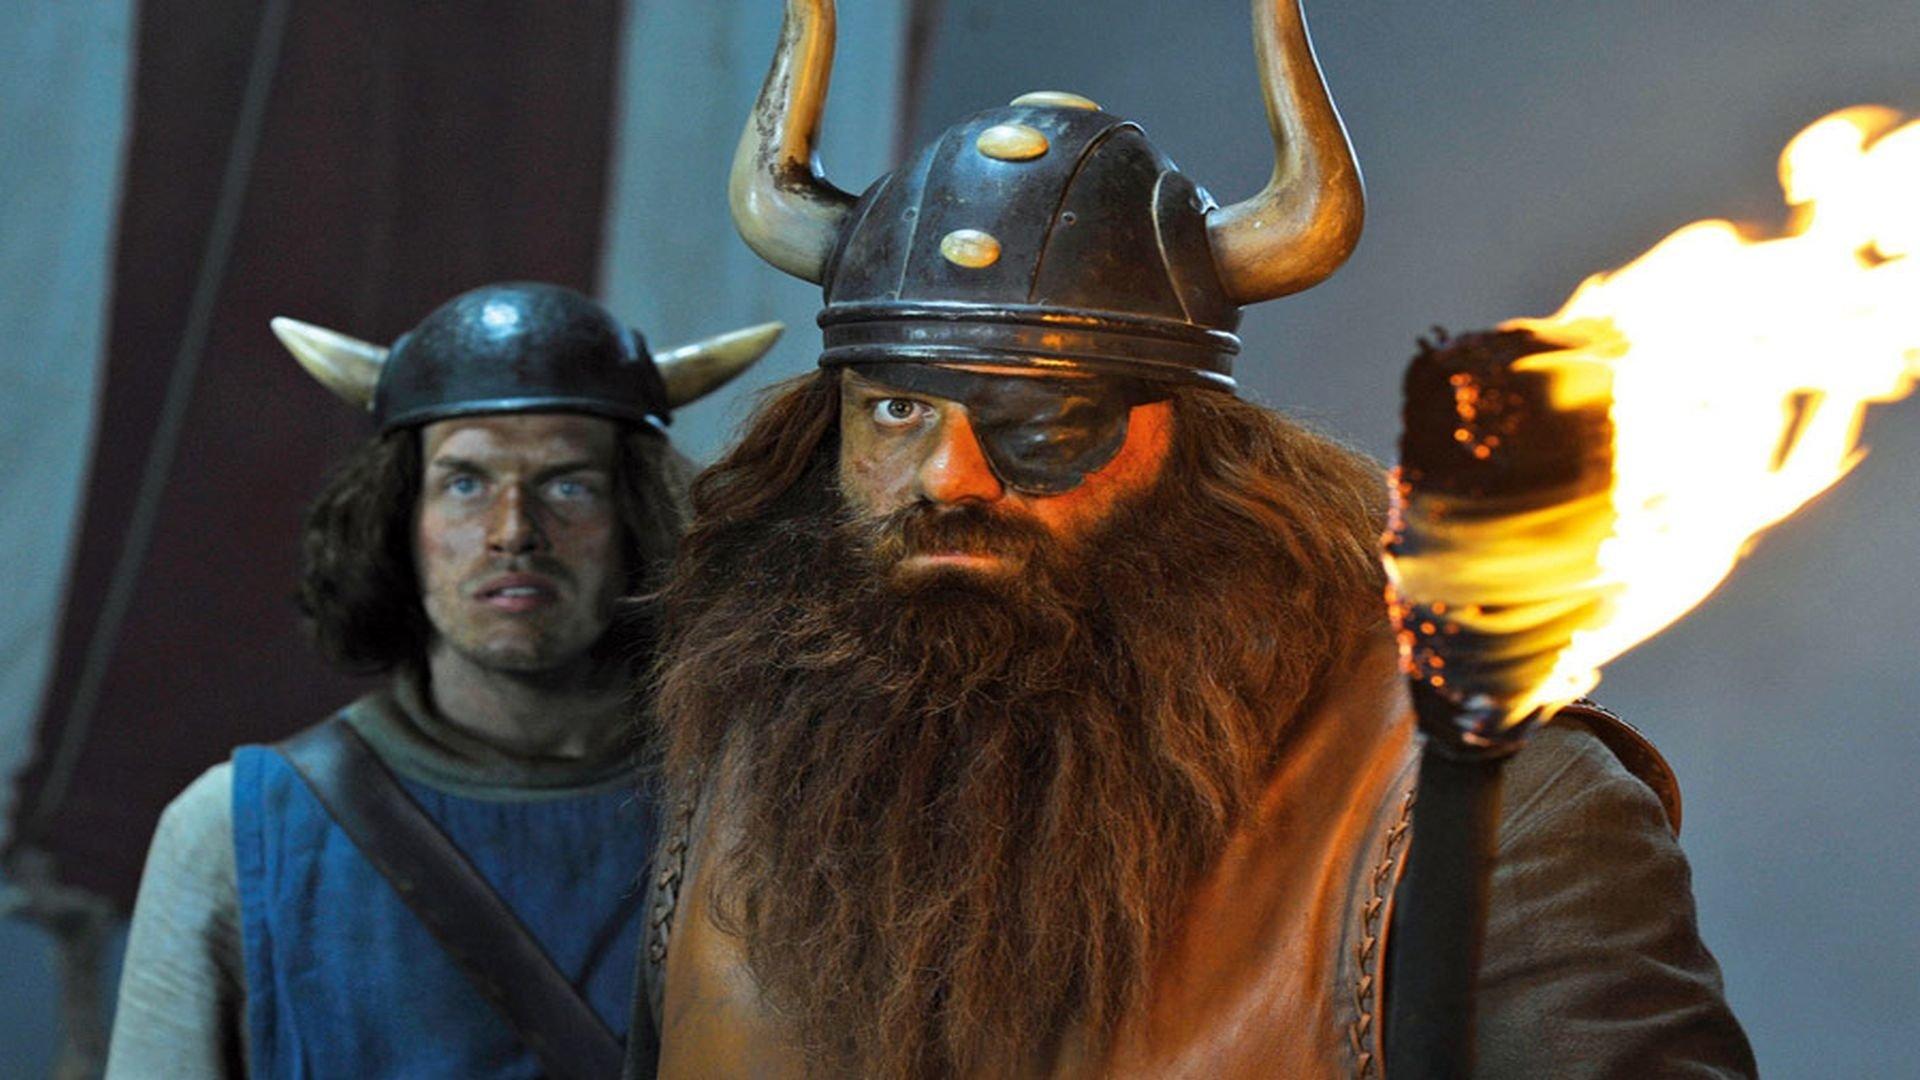 دانلود انیمیشن زیبای Vicky the Viking - دانلود انیمیشن زیبای Vicky the Viking دوبله فارسی